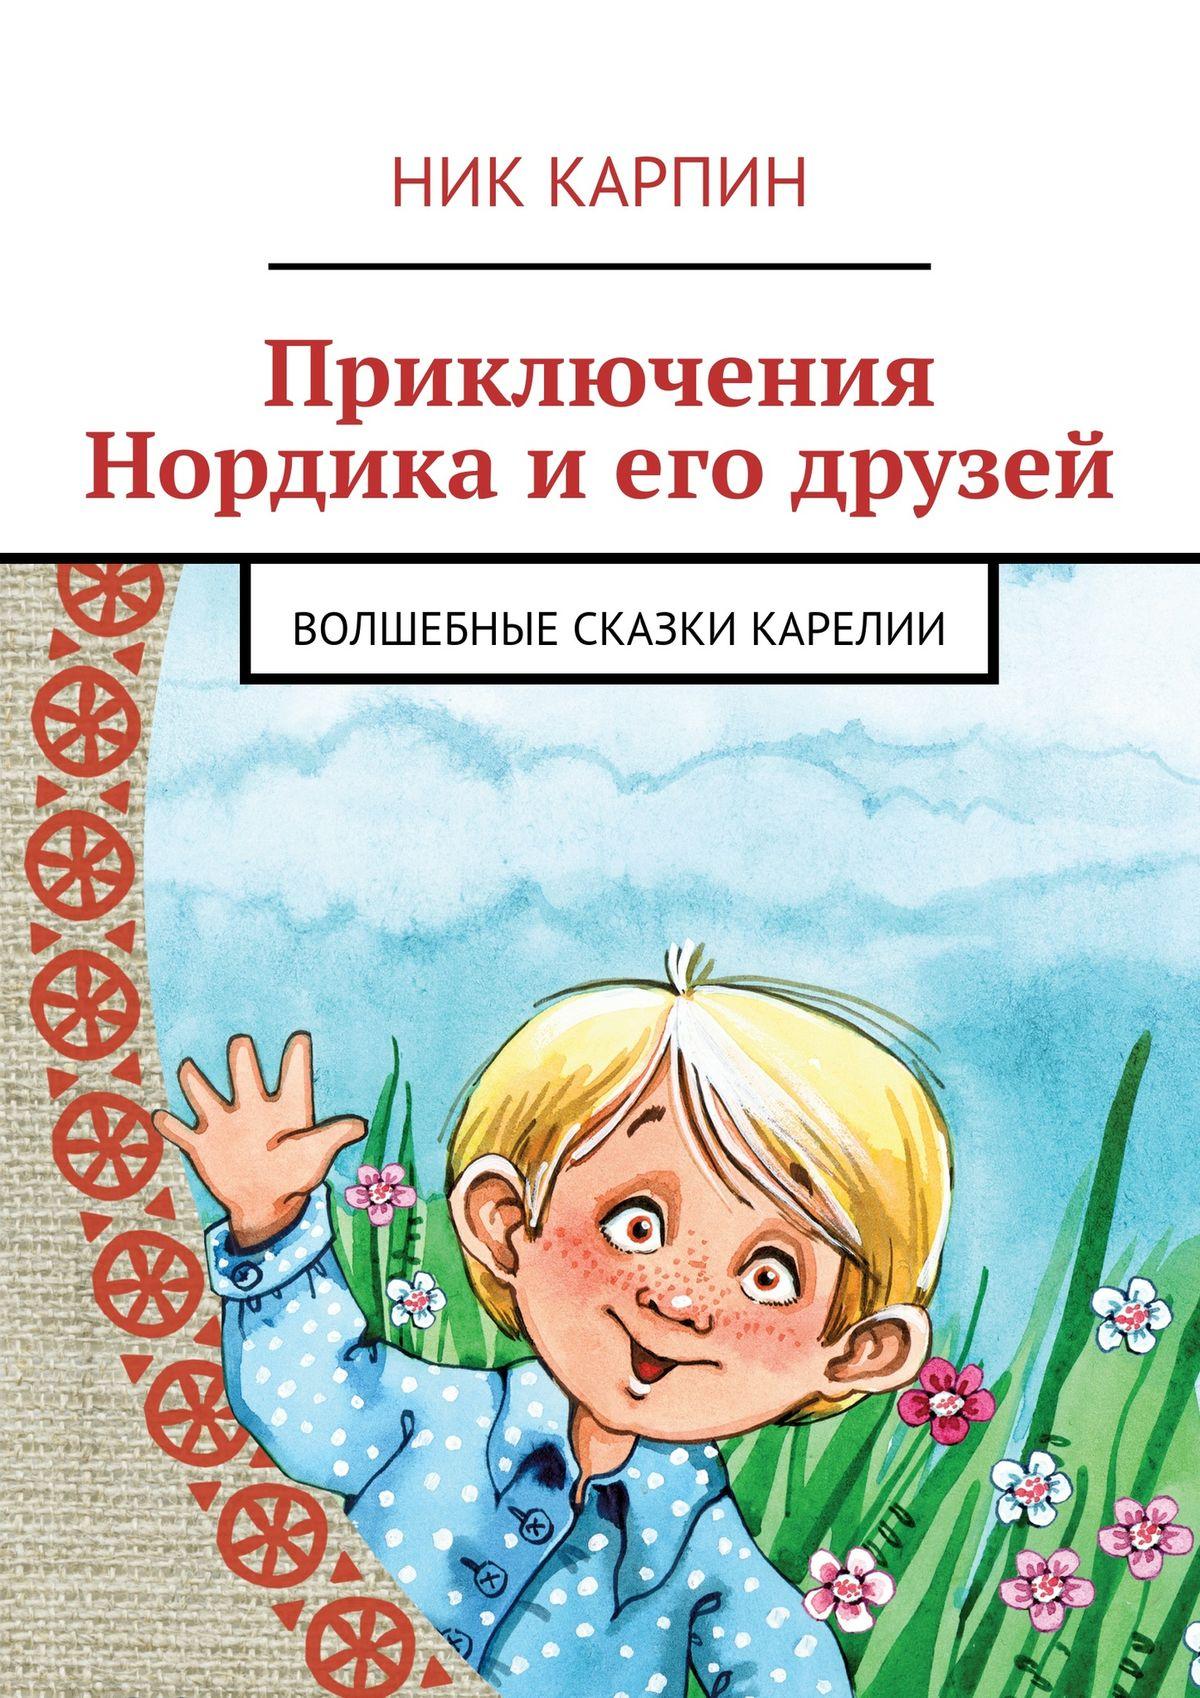 Ник Карпин Приключения Нордика иего друзей